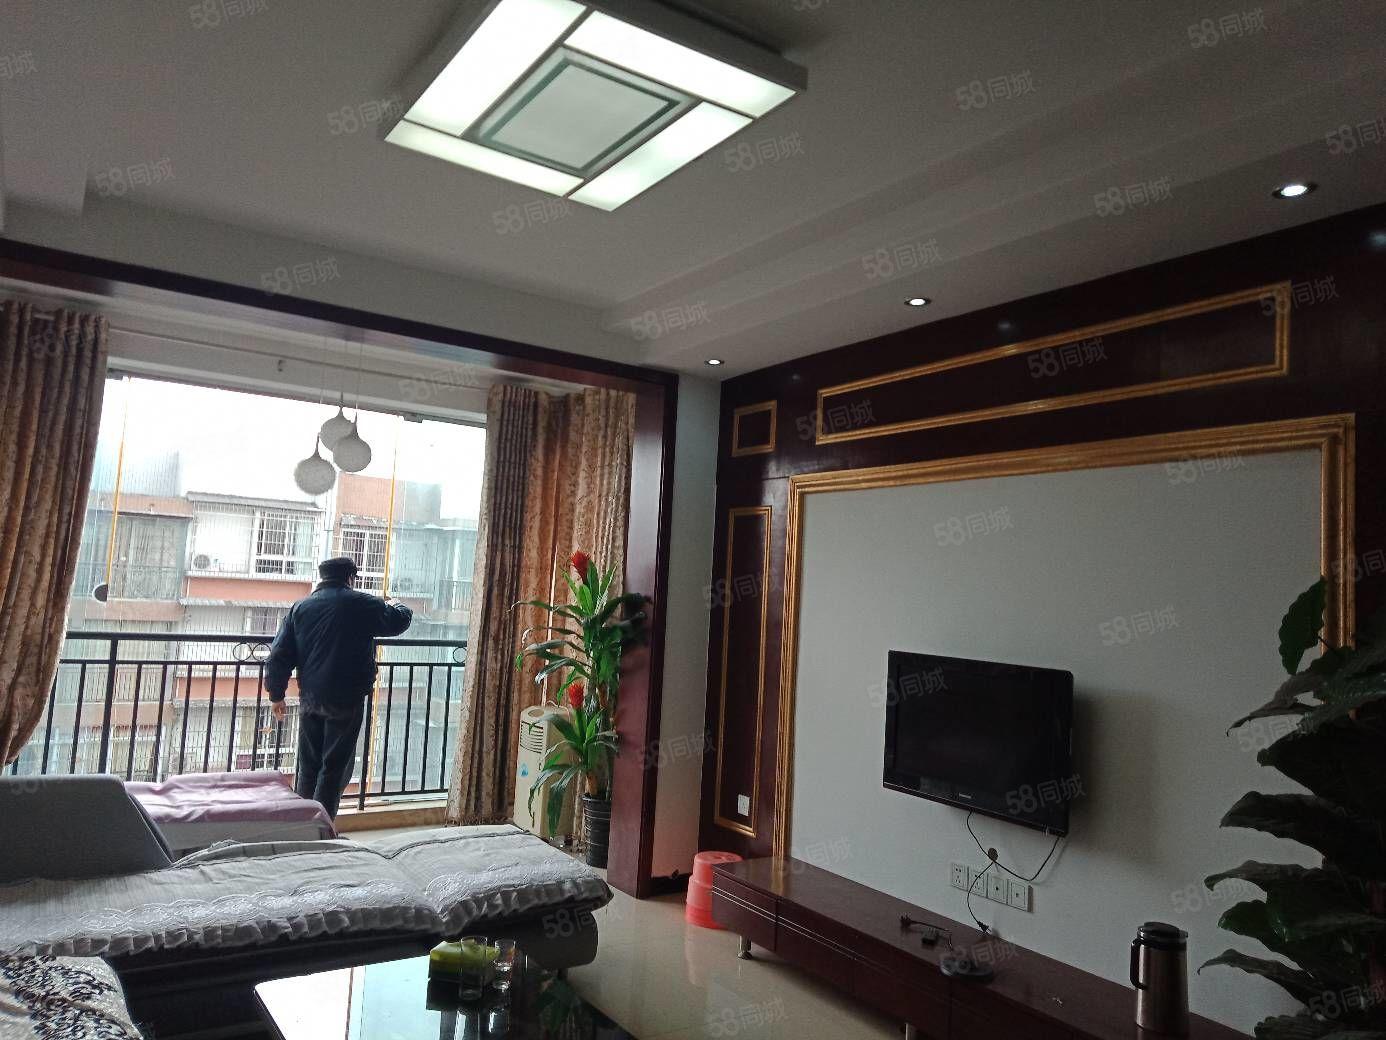 翡翠苑精装2室2厅1卫,冰箱,洗衣机,电视空调8500元一年